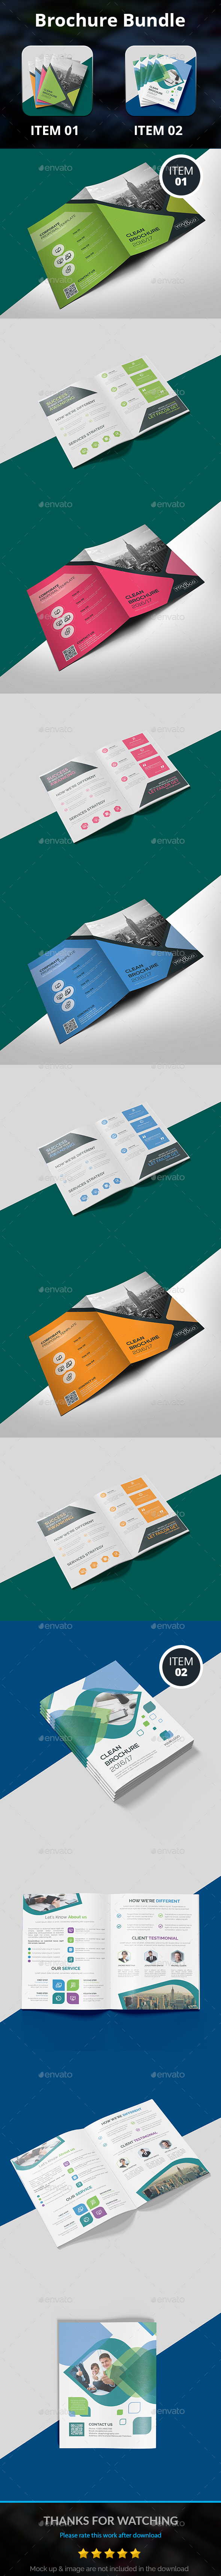 Brochure Set - Corporate Brochures